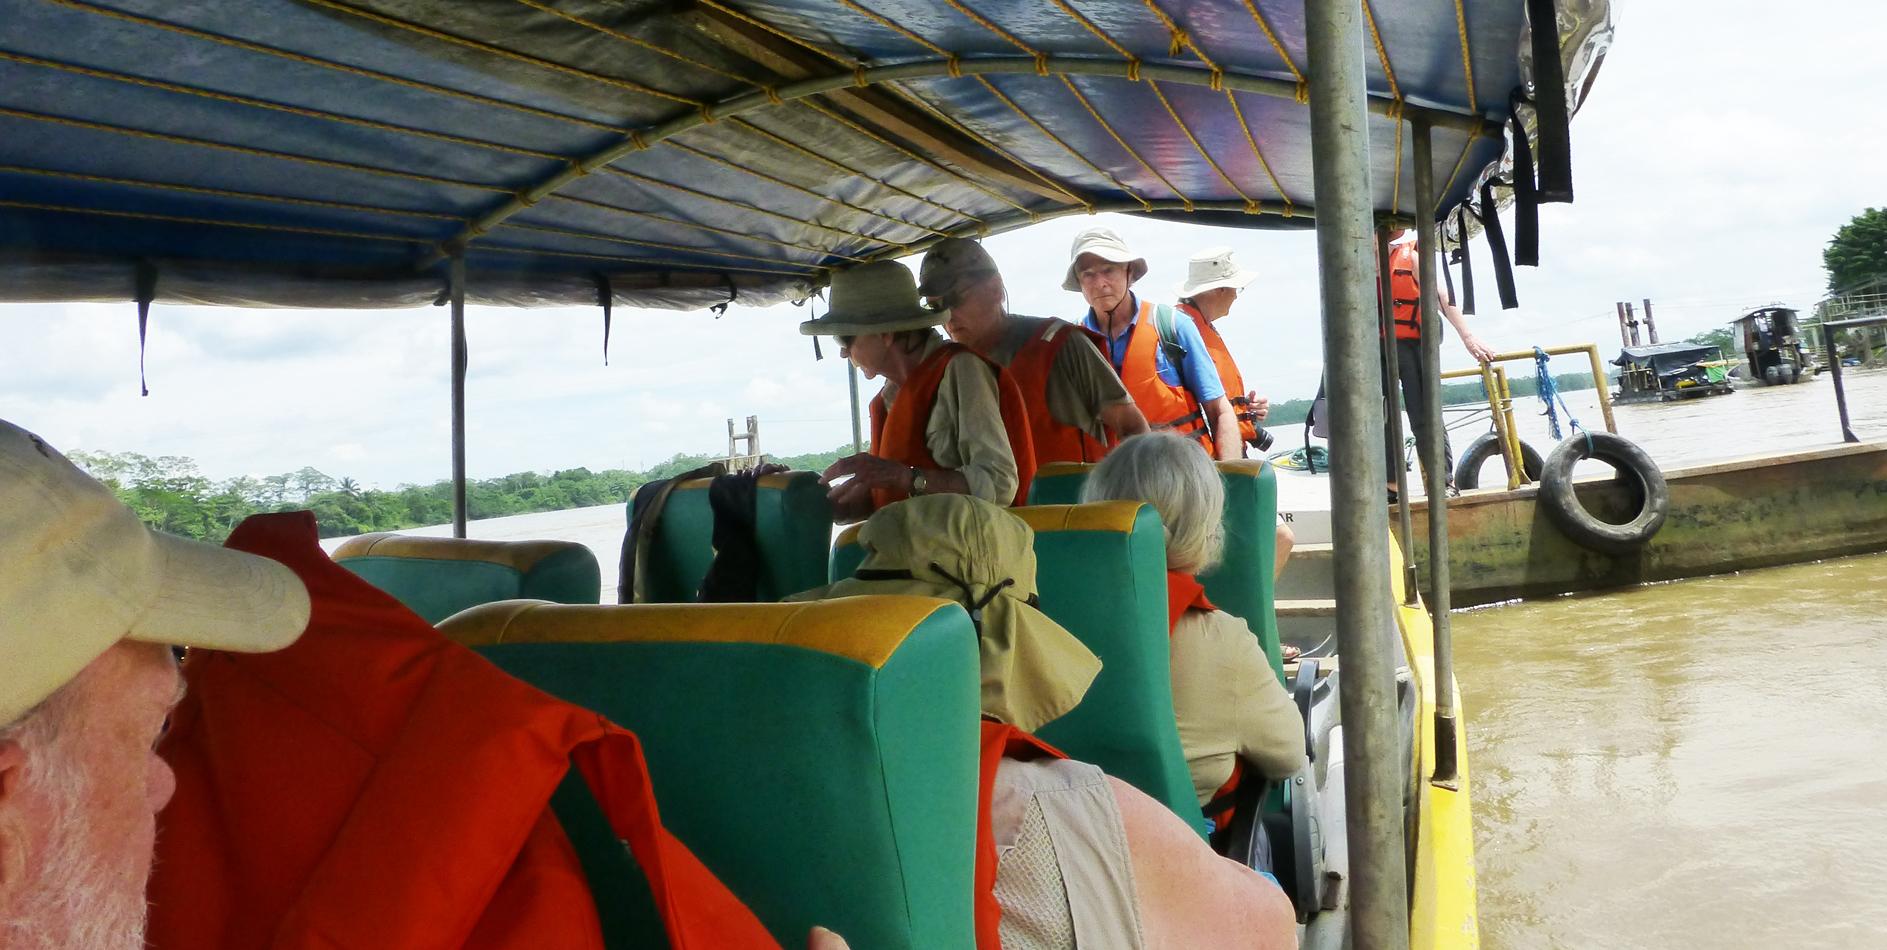 Boarding the motorized canoe